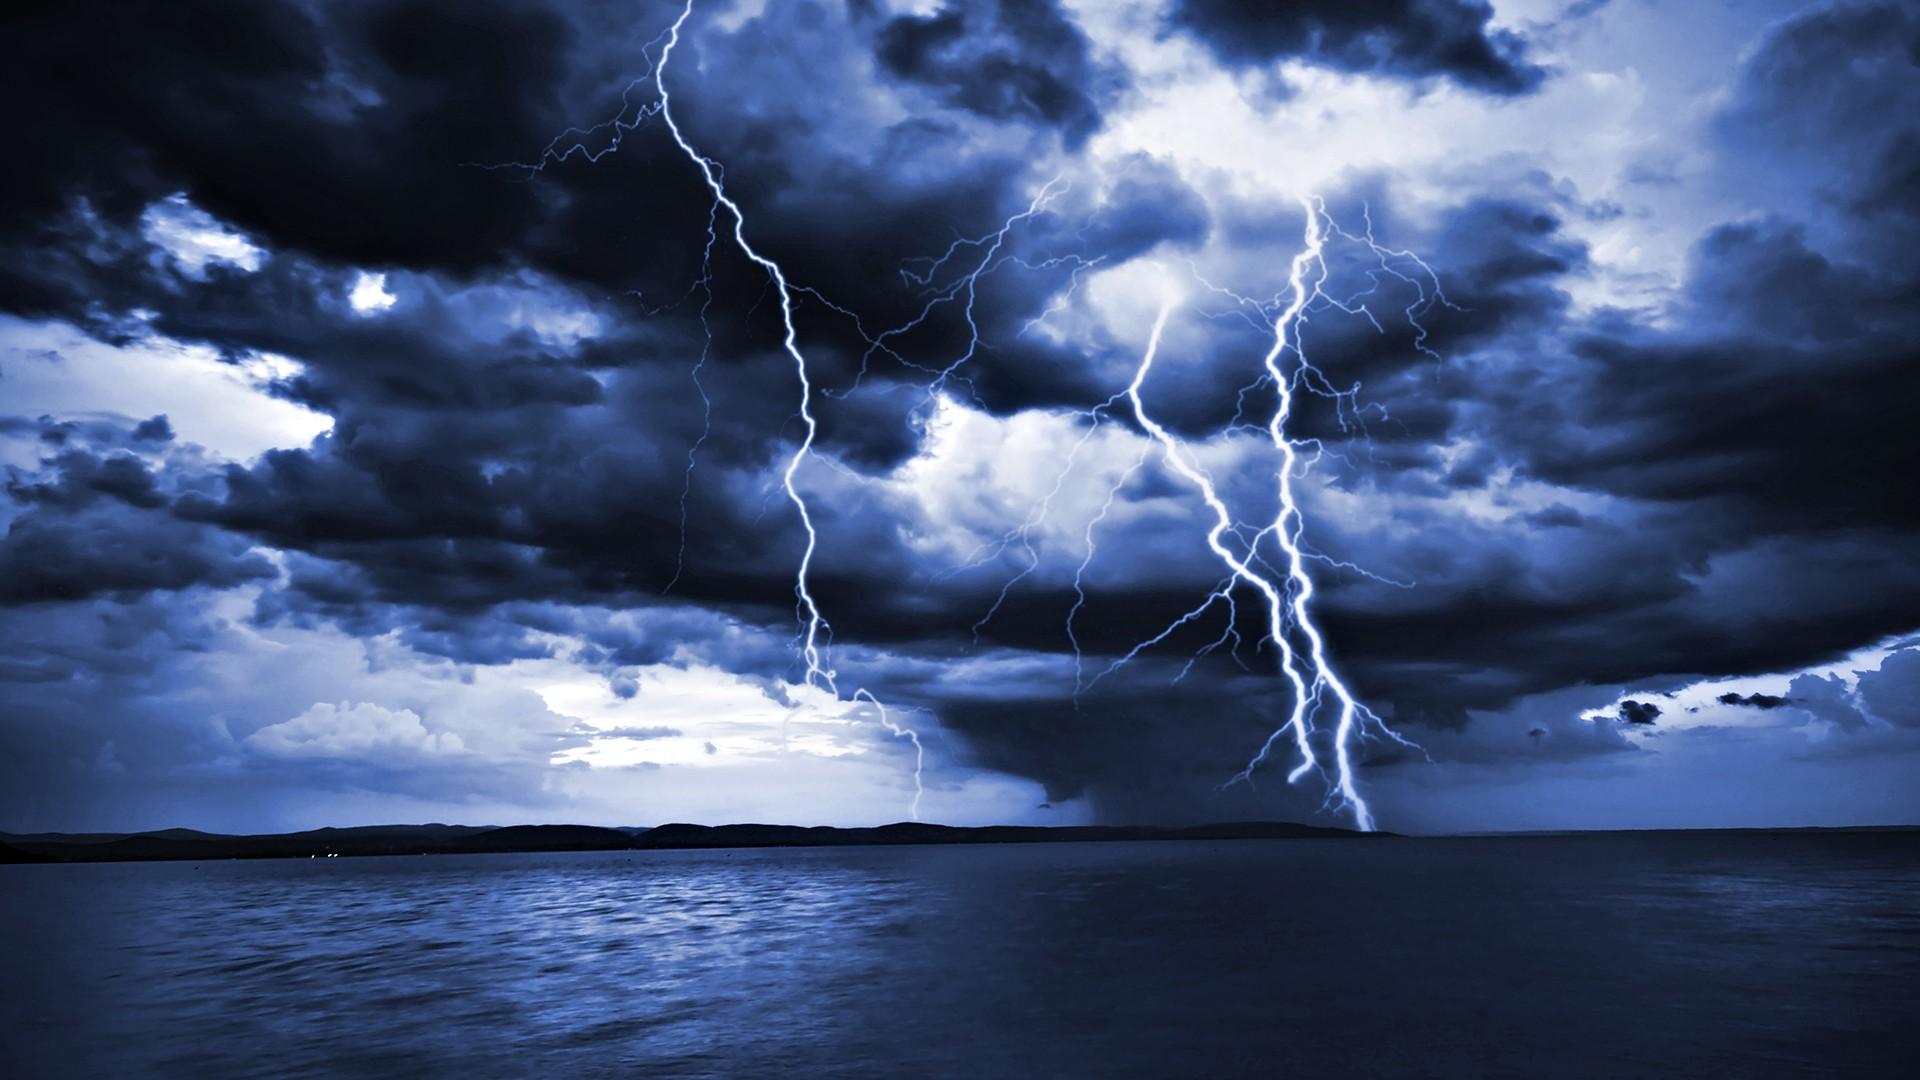 Thunderstorm Wallpaper 1920x1080 Wallpaper: storm high